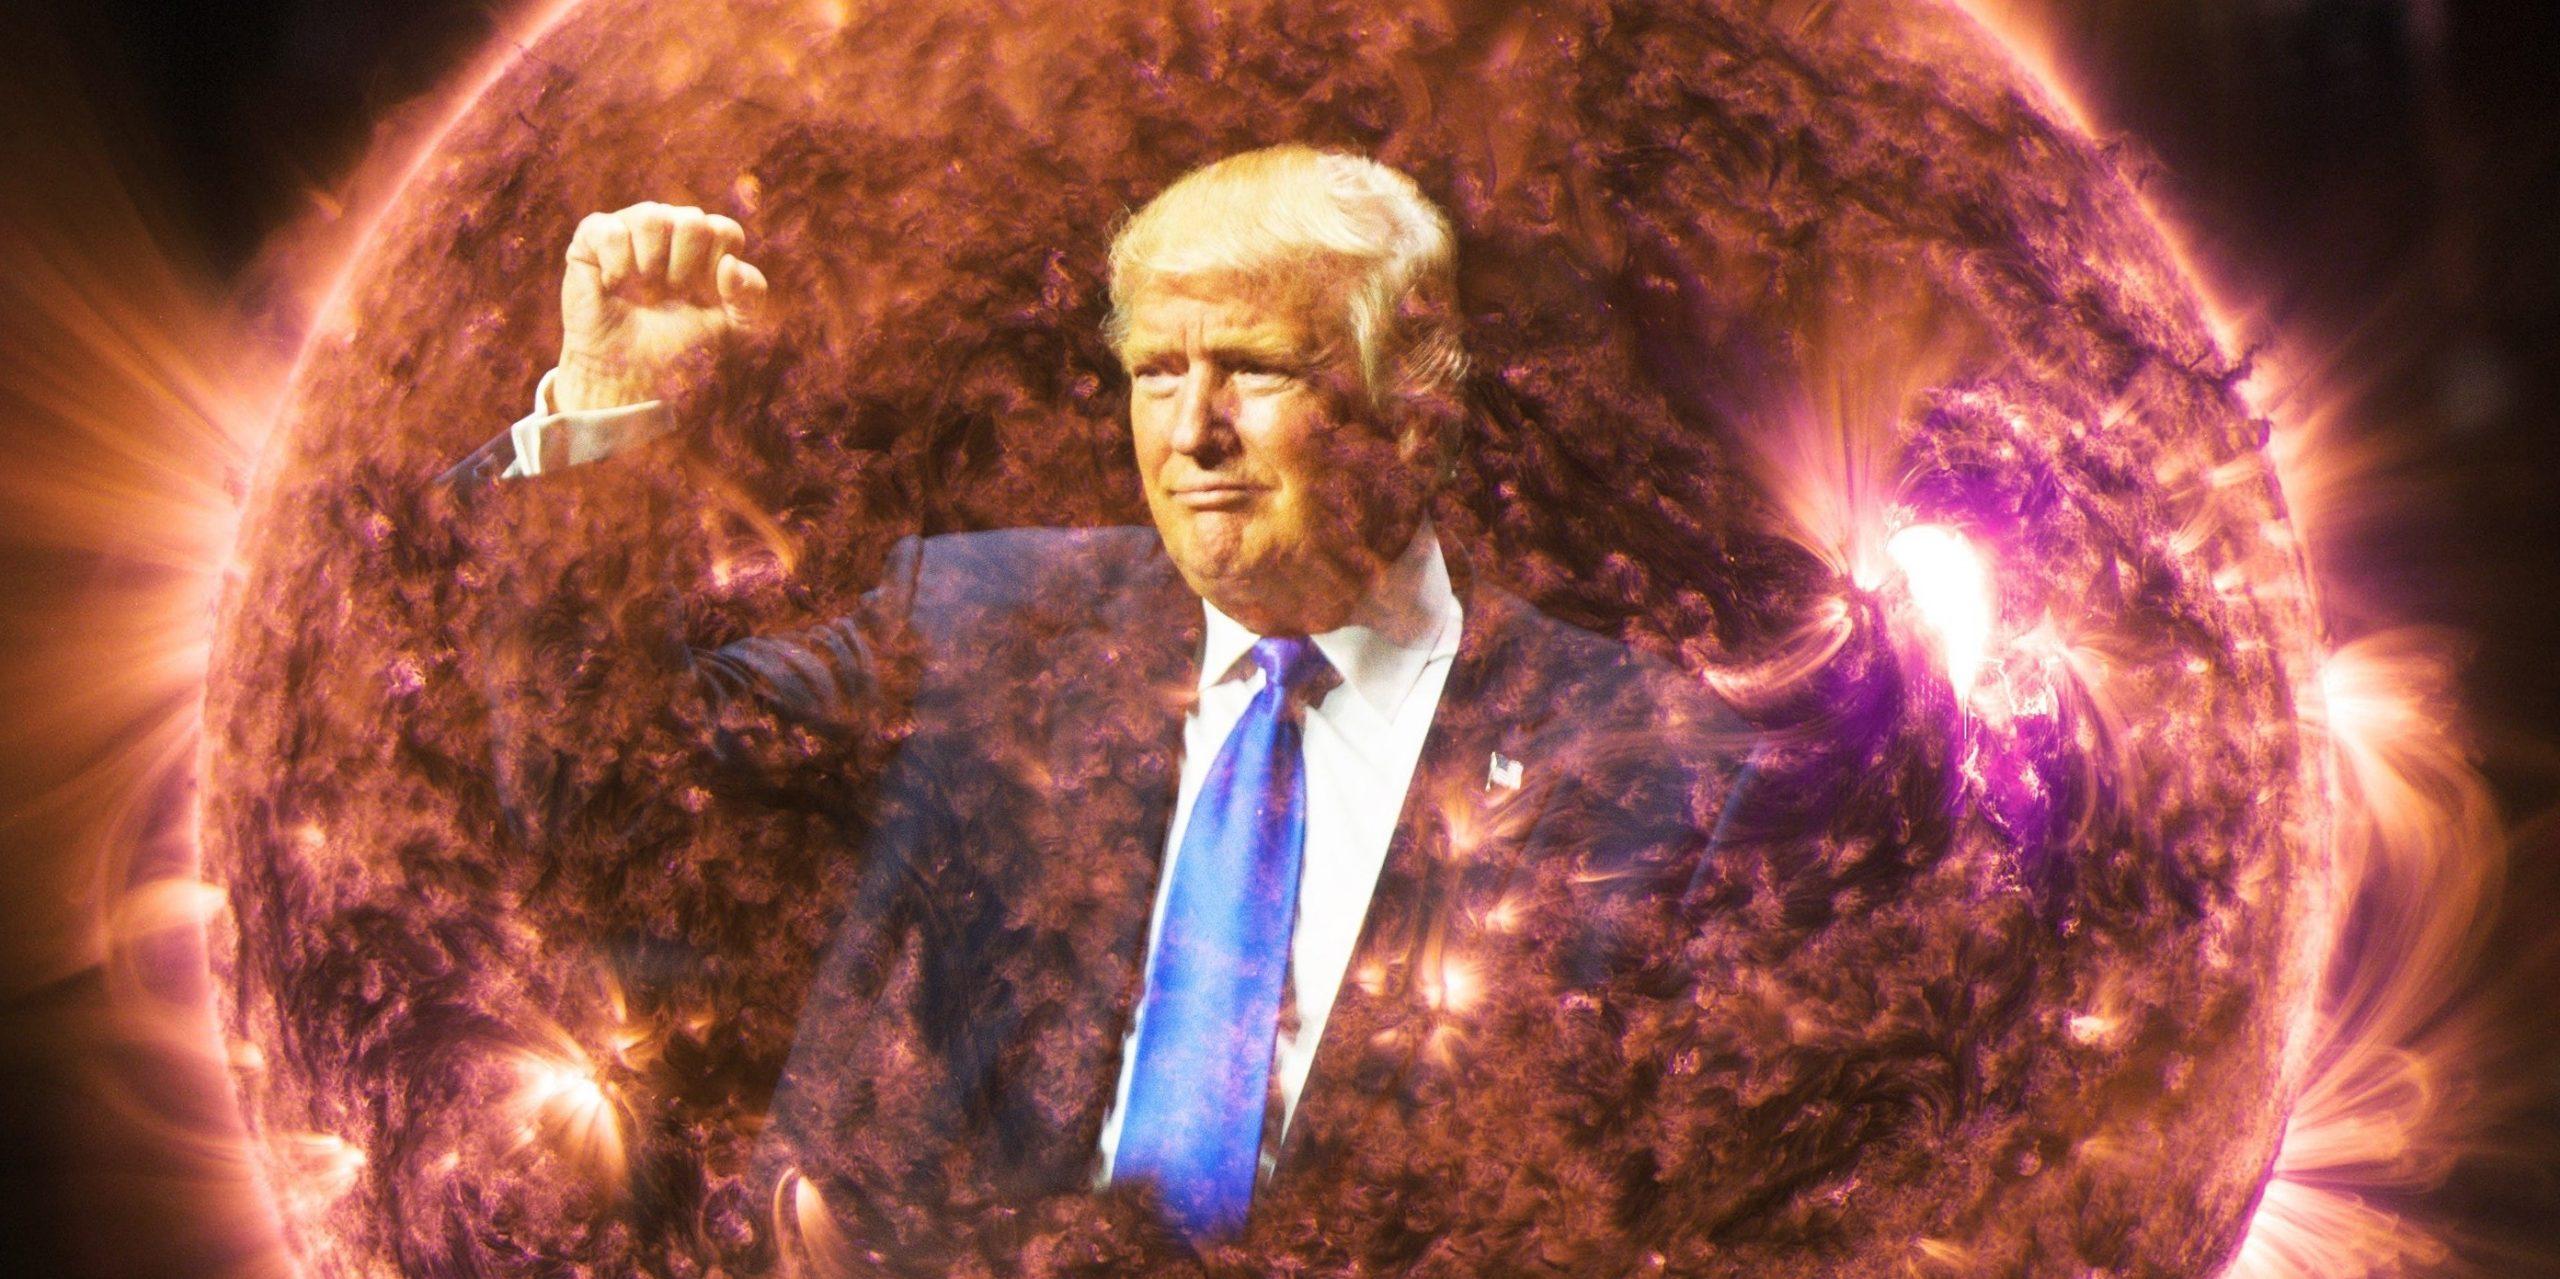 Pistolero spaziale Trump sotto tiro spara anche agli extraterrestri